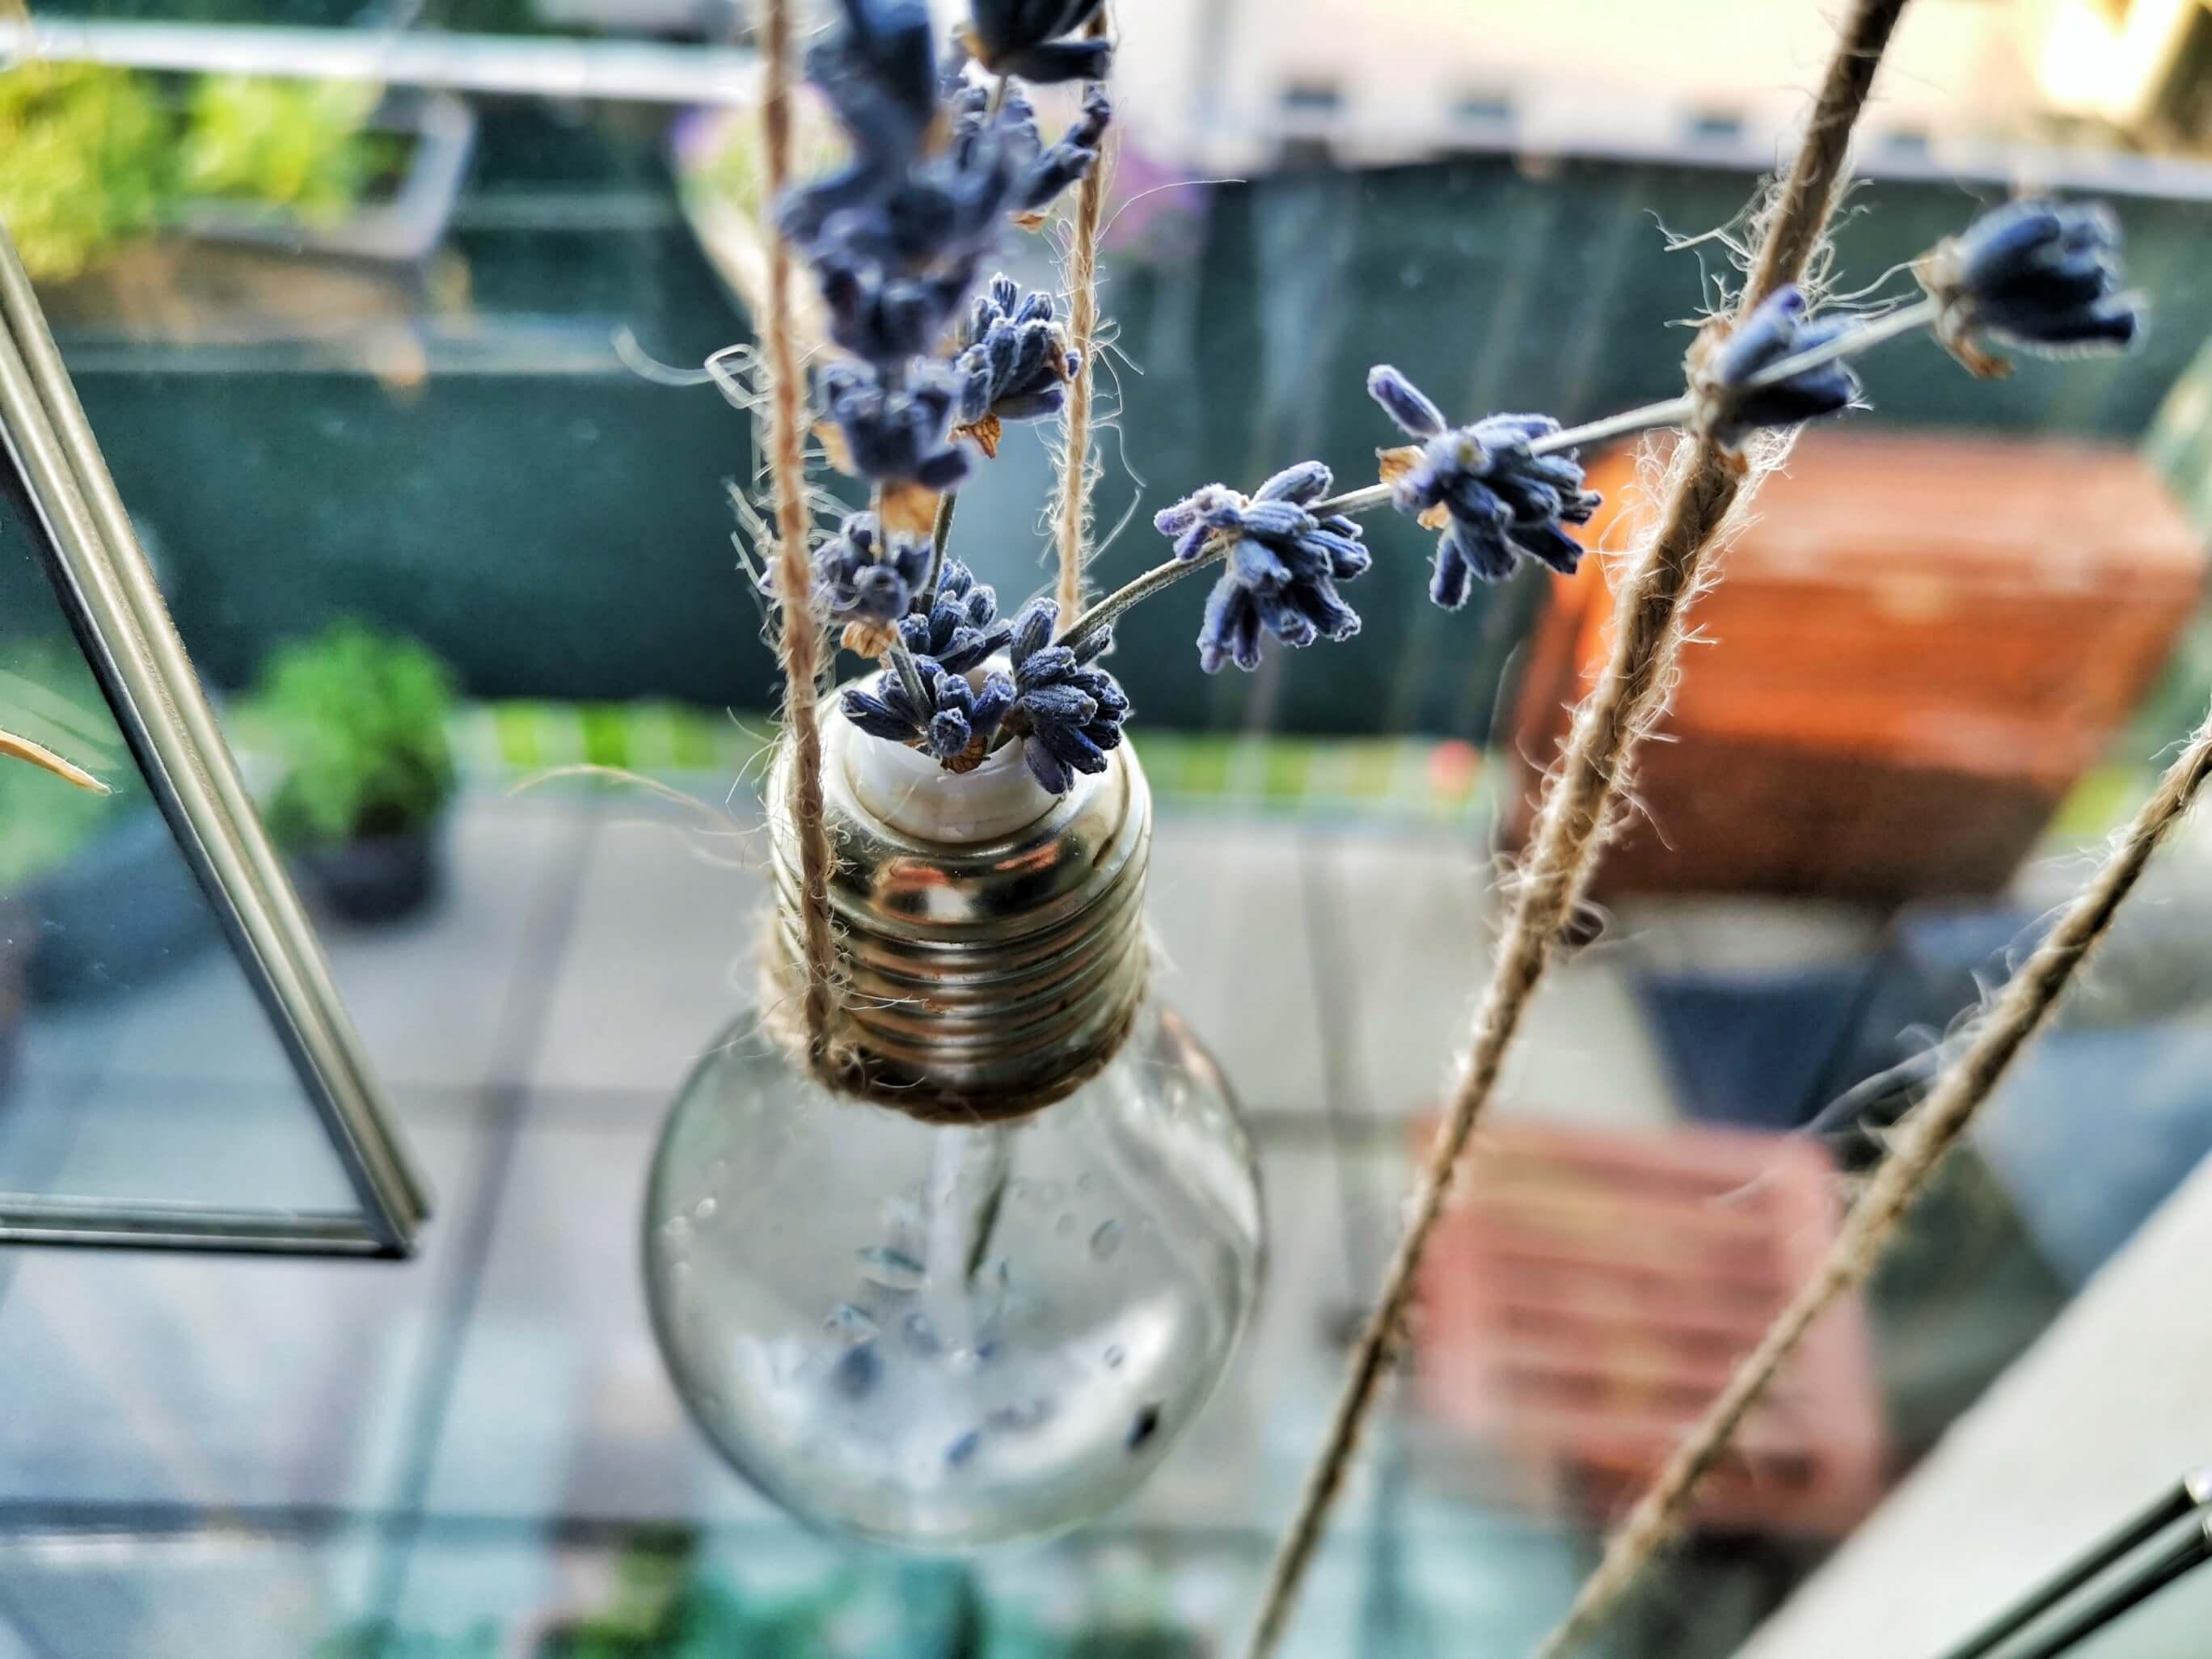 IMG 20190501 185622 01 resized 20190513 100713009 1 - Botanický windowstyling: Vymeňte záclony za okenný herbár